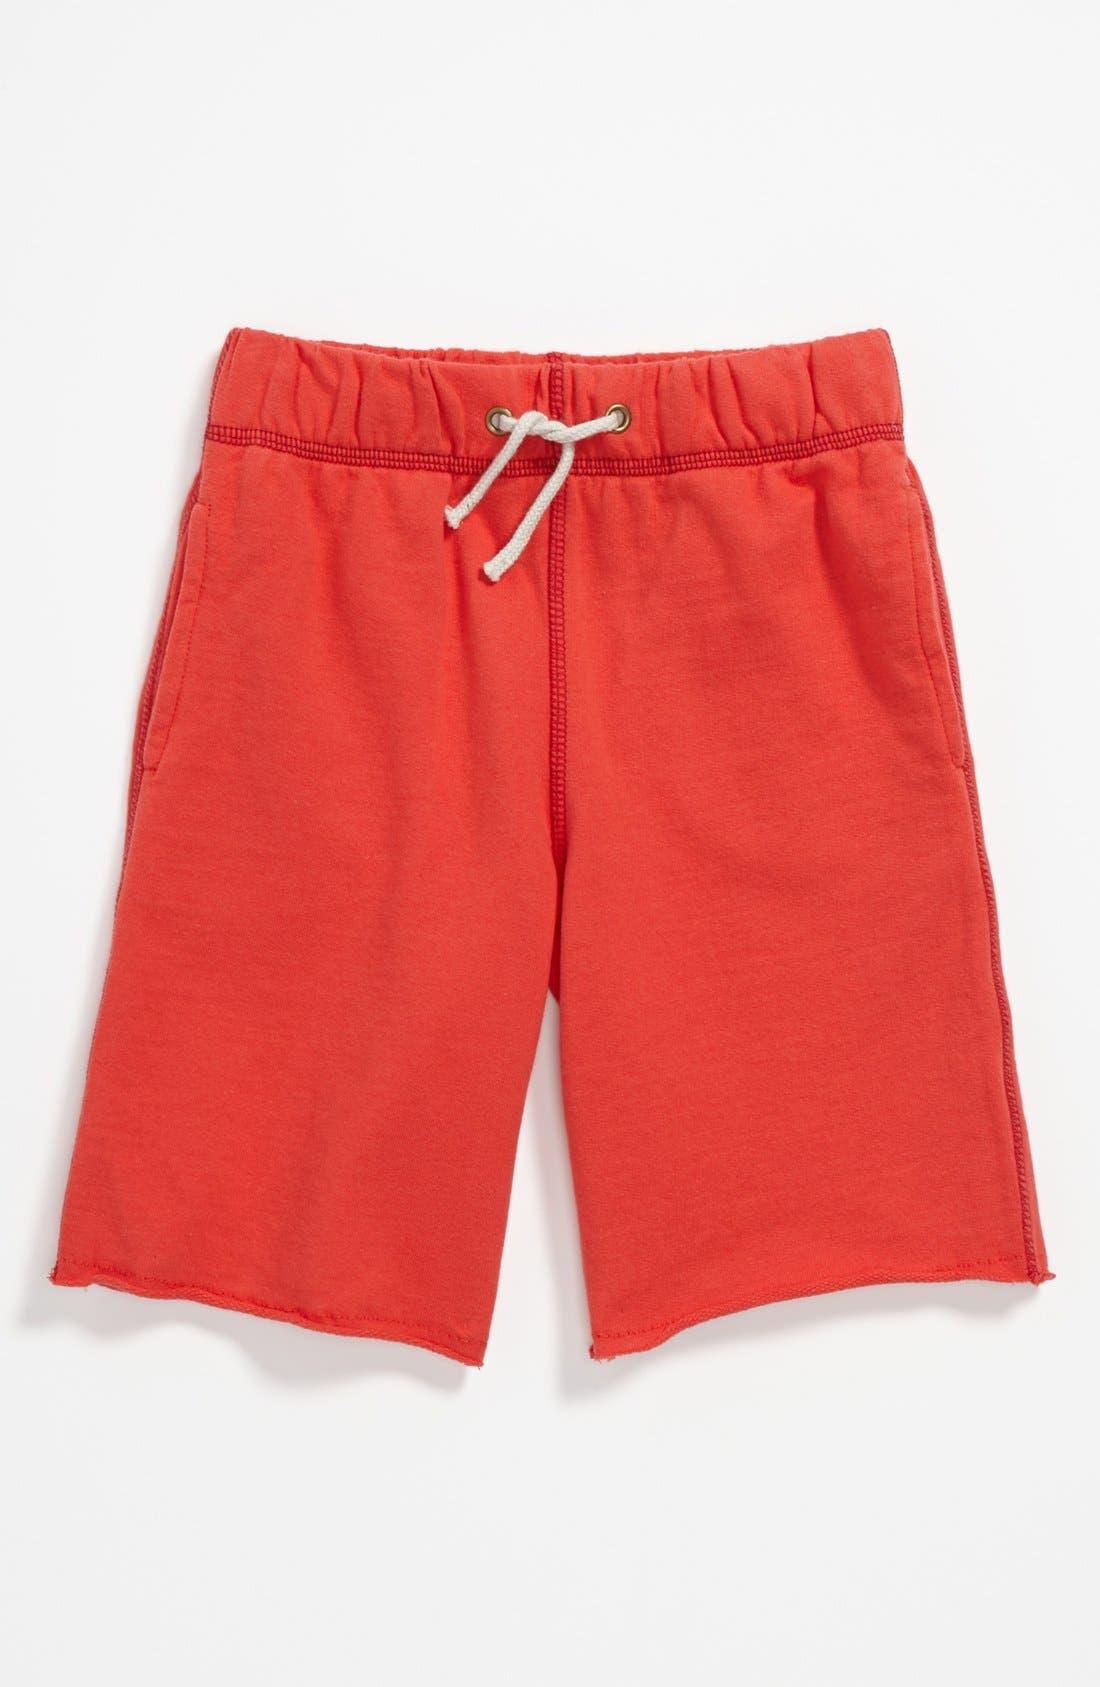 Main Image - Appaman 'Camp' Shorts (Toddler)